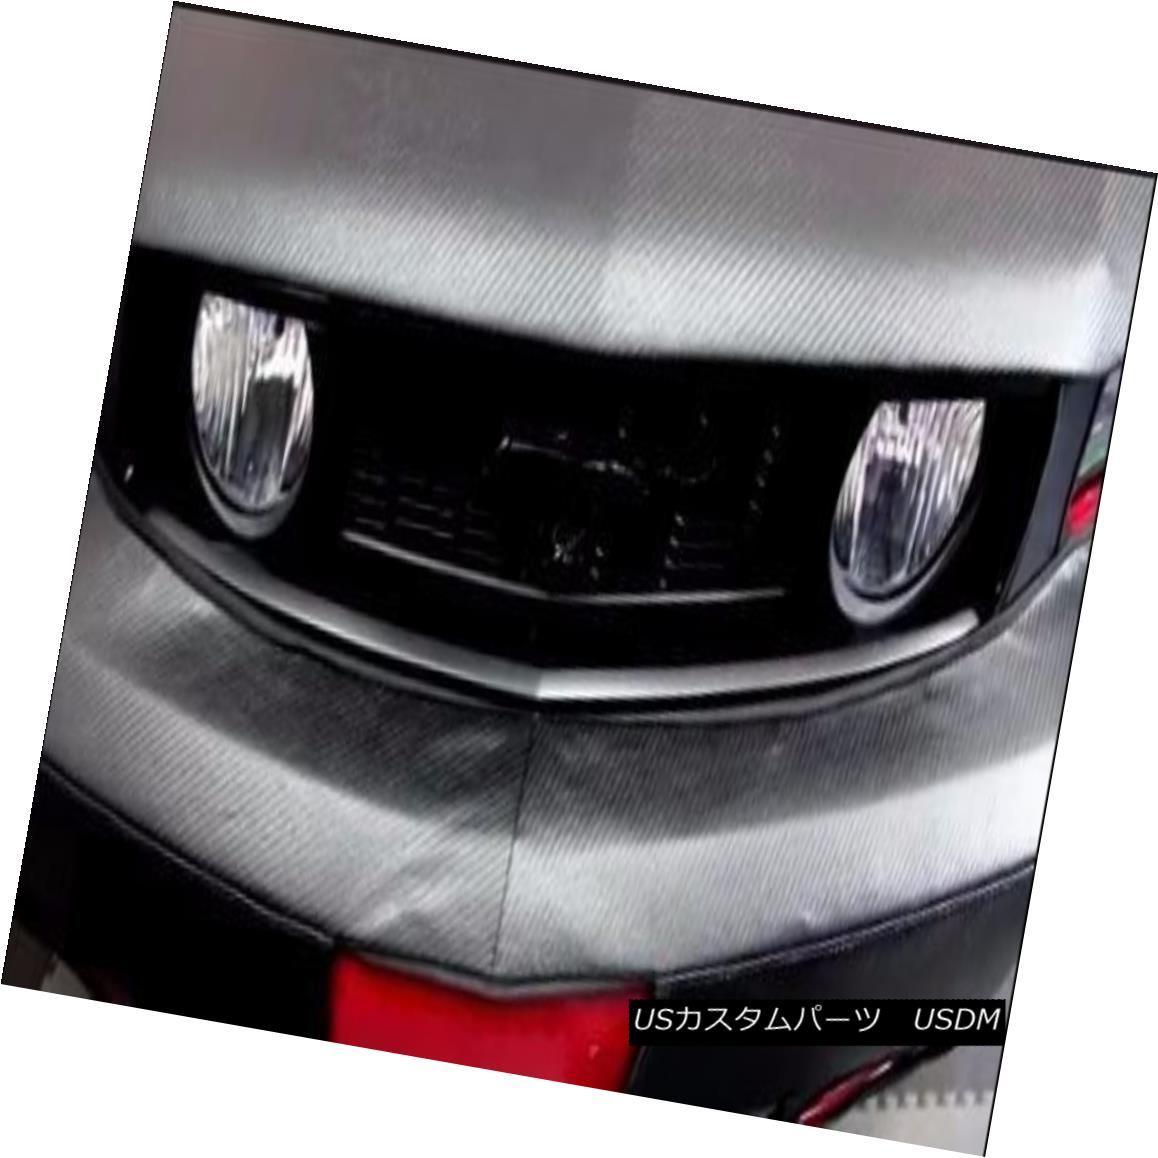 フルブラ ノーズブラ Colgan CF Front Mask Bra 2pc. Fits Acura TSX 2006 2007 2008 With License Plate コルガンCFフロントマスクブラ2pc。 ライセンスプレート付きAcura TSX 2006 2007 2008に適合